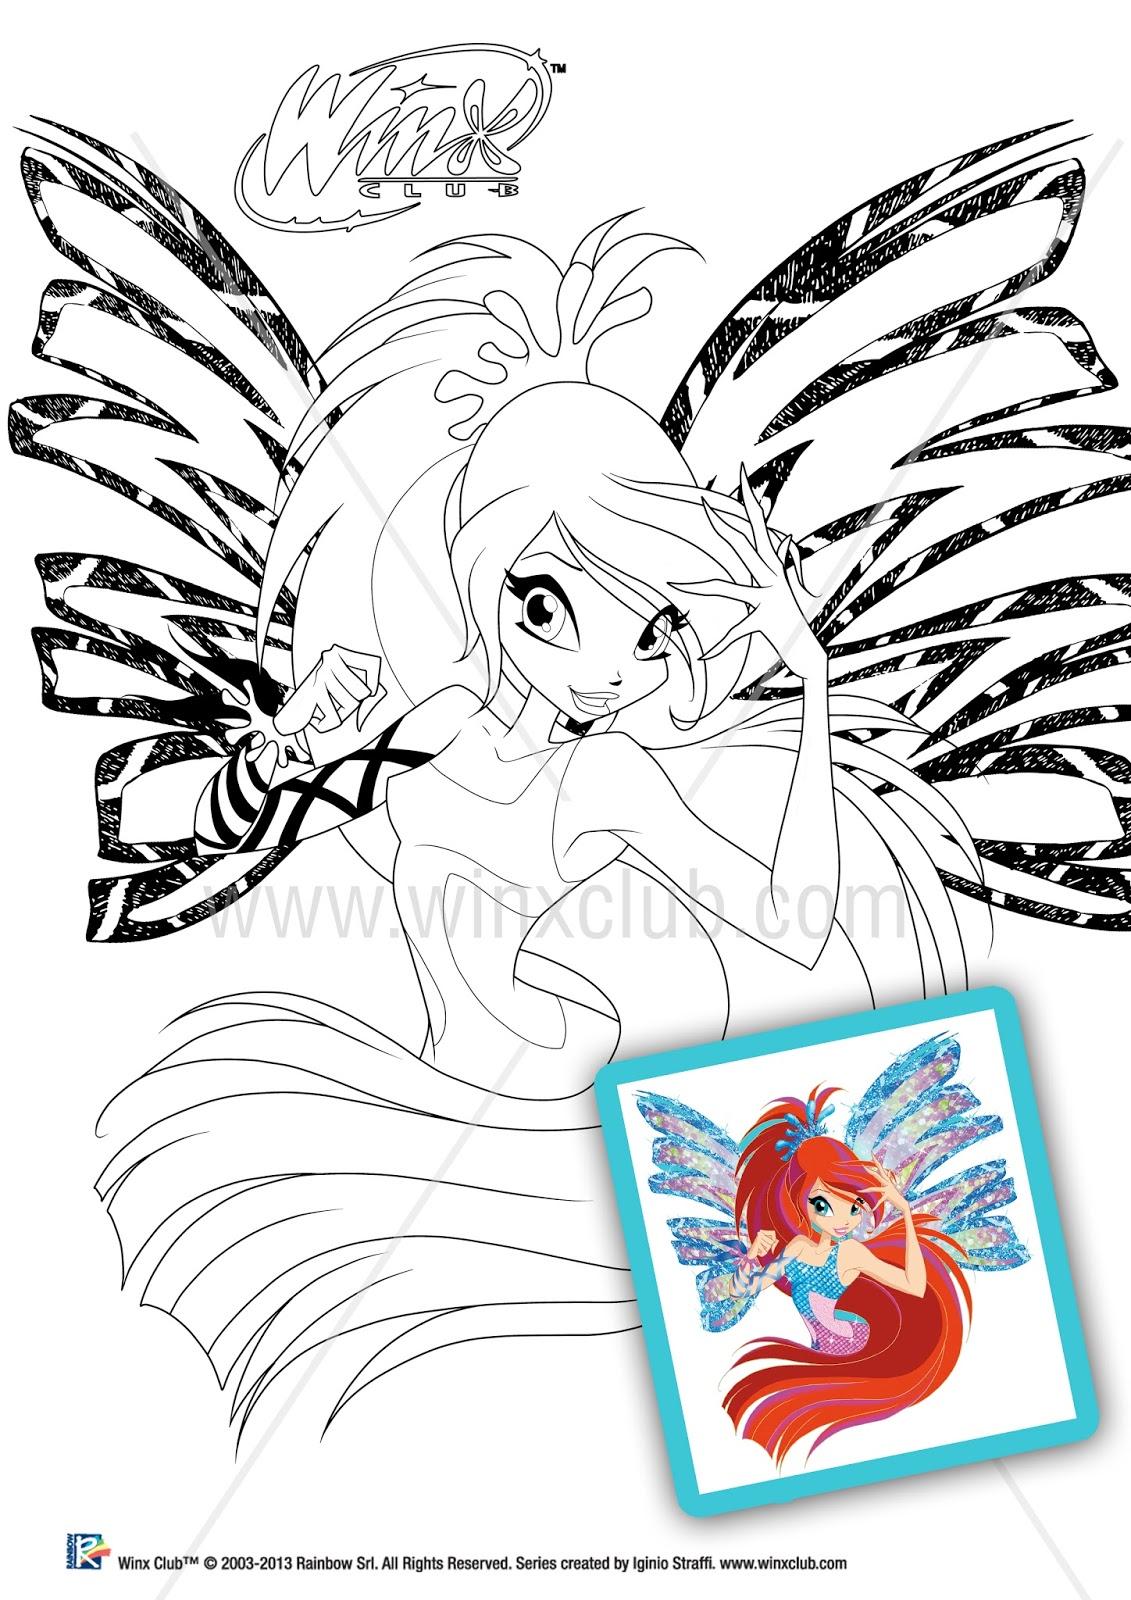 Desenhos para Colorir das Winx Club Jogos Online Wx - imagens para colorir das winx